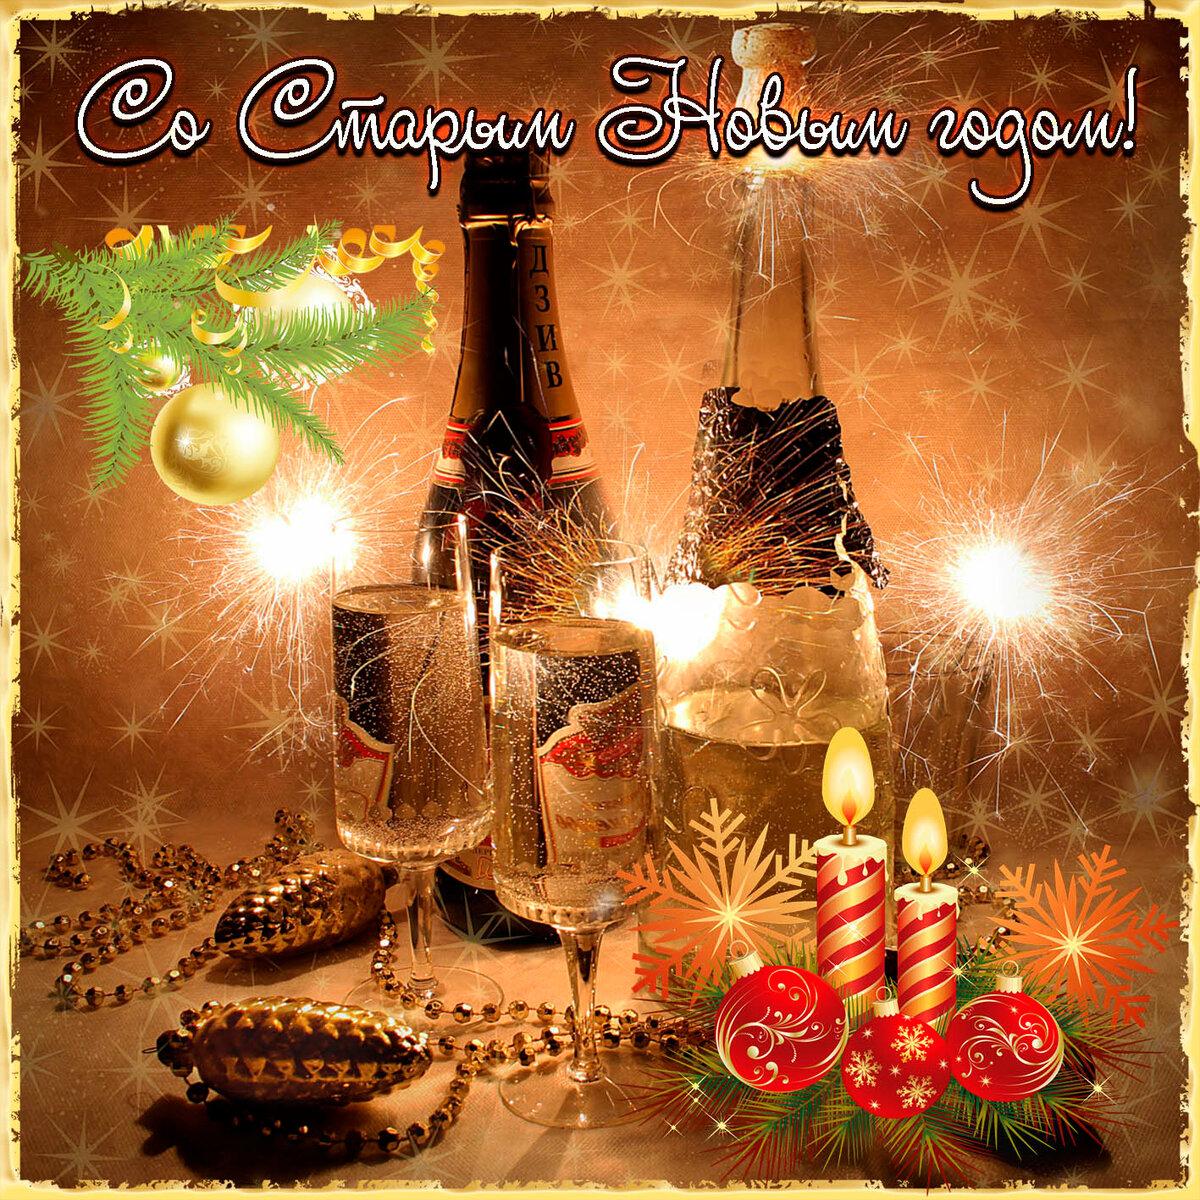 Со старым новым годом поздравления картинки яндекс